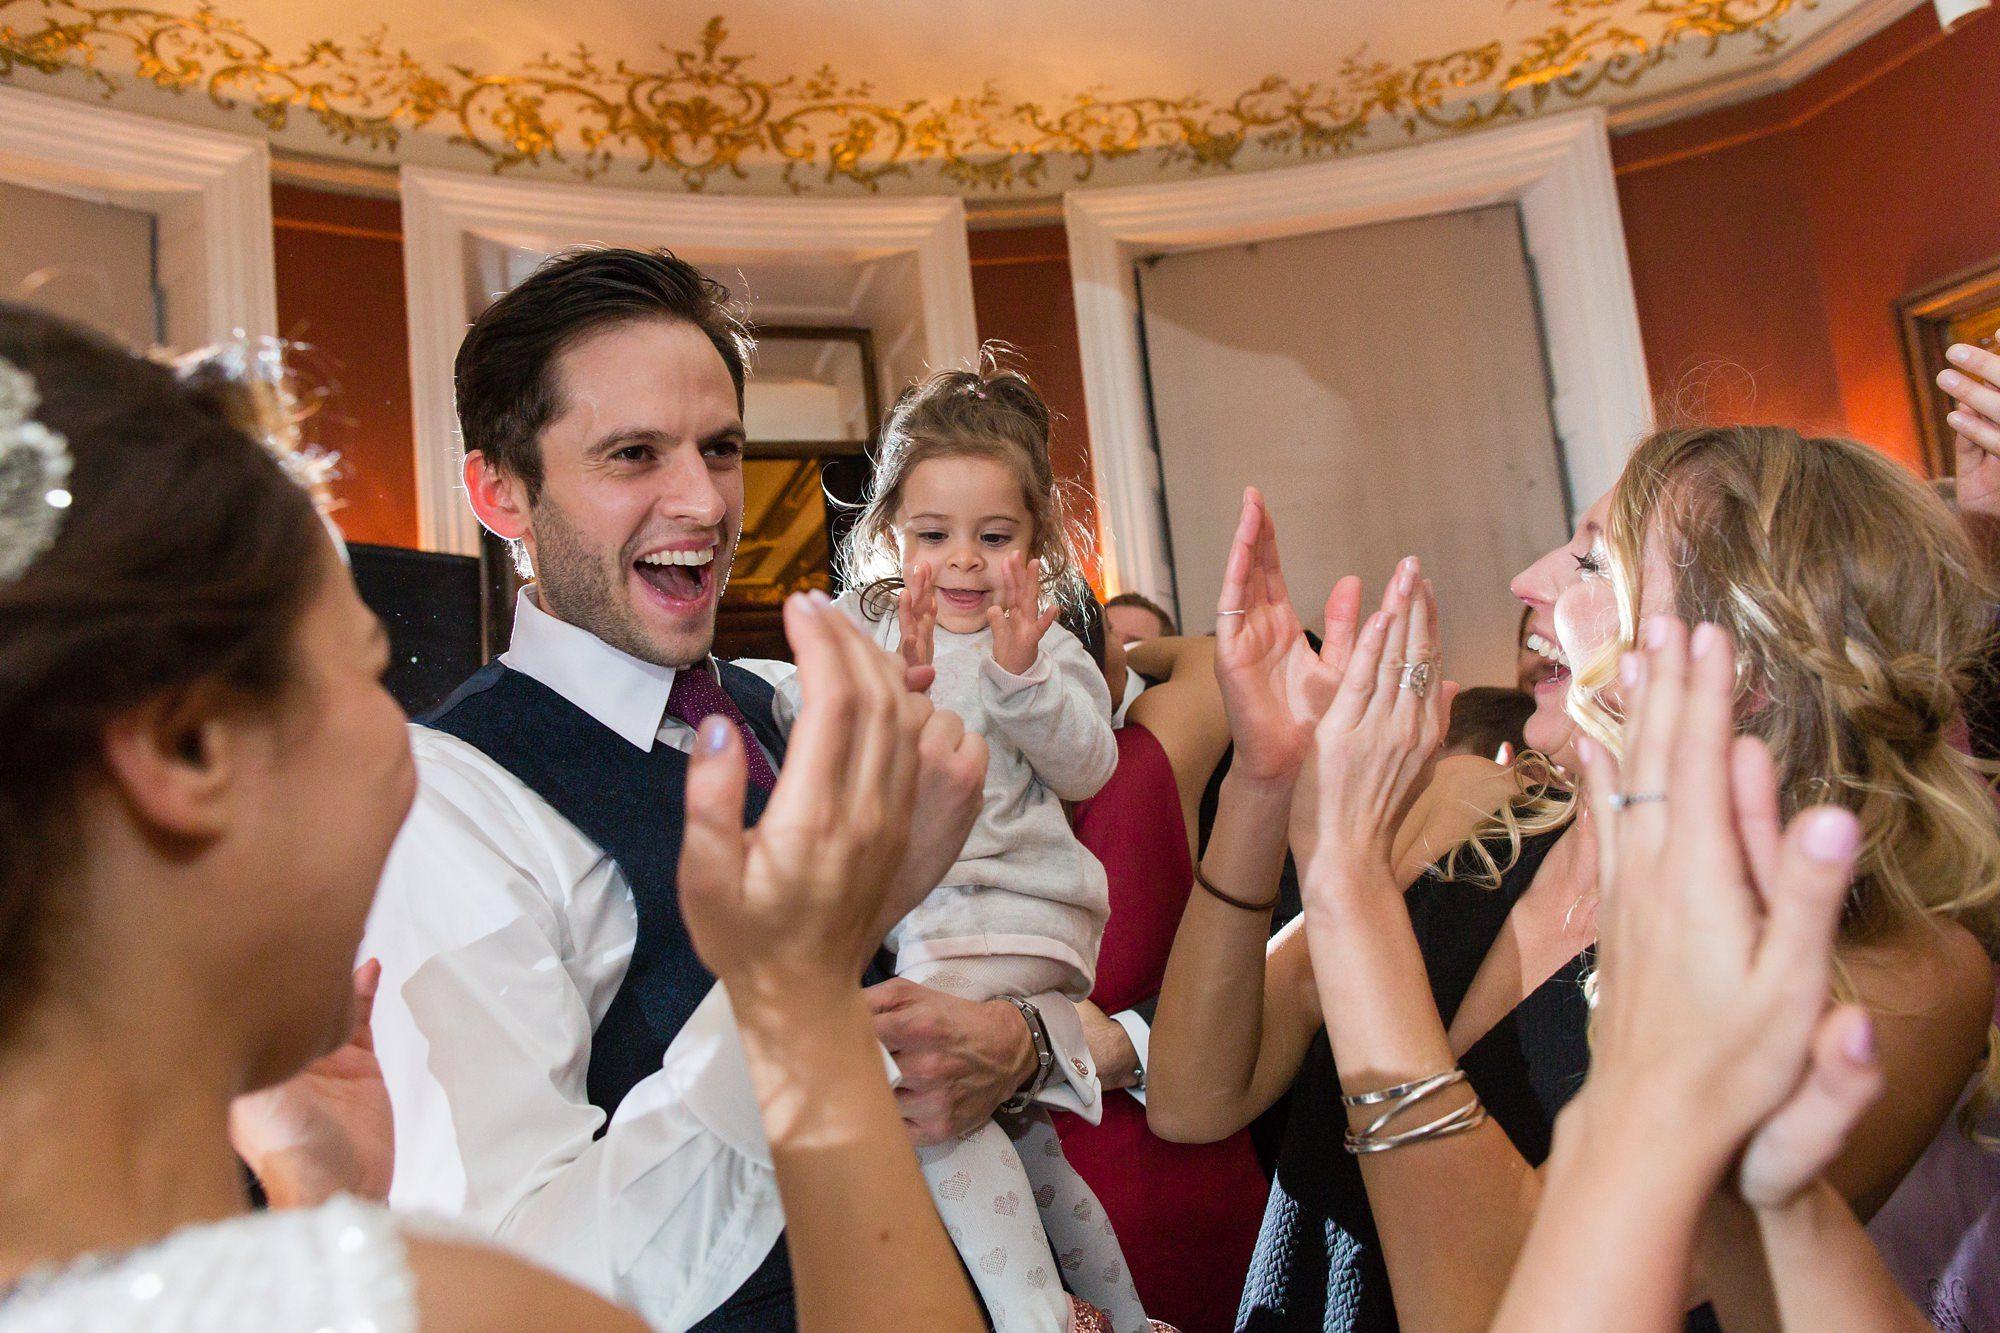 Bride & groom dance with daughter on dance floor Tips for children at weddings